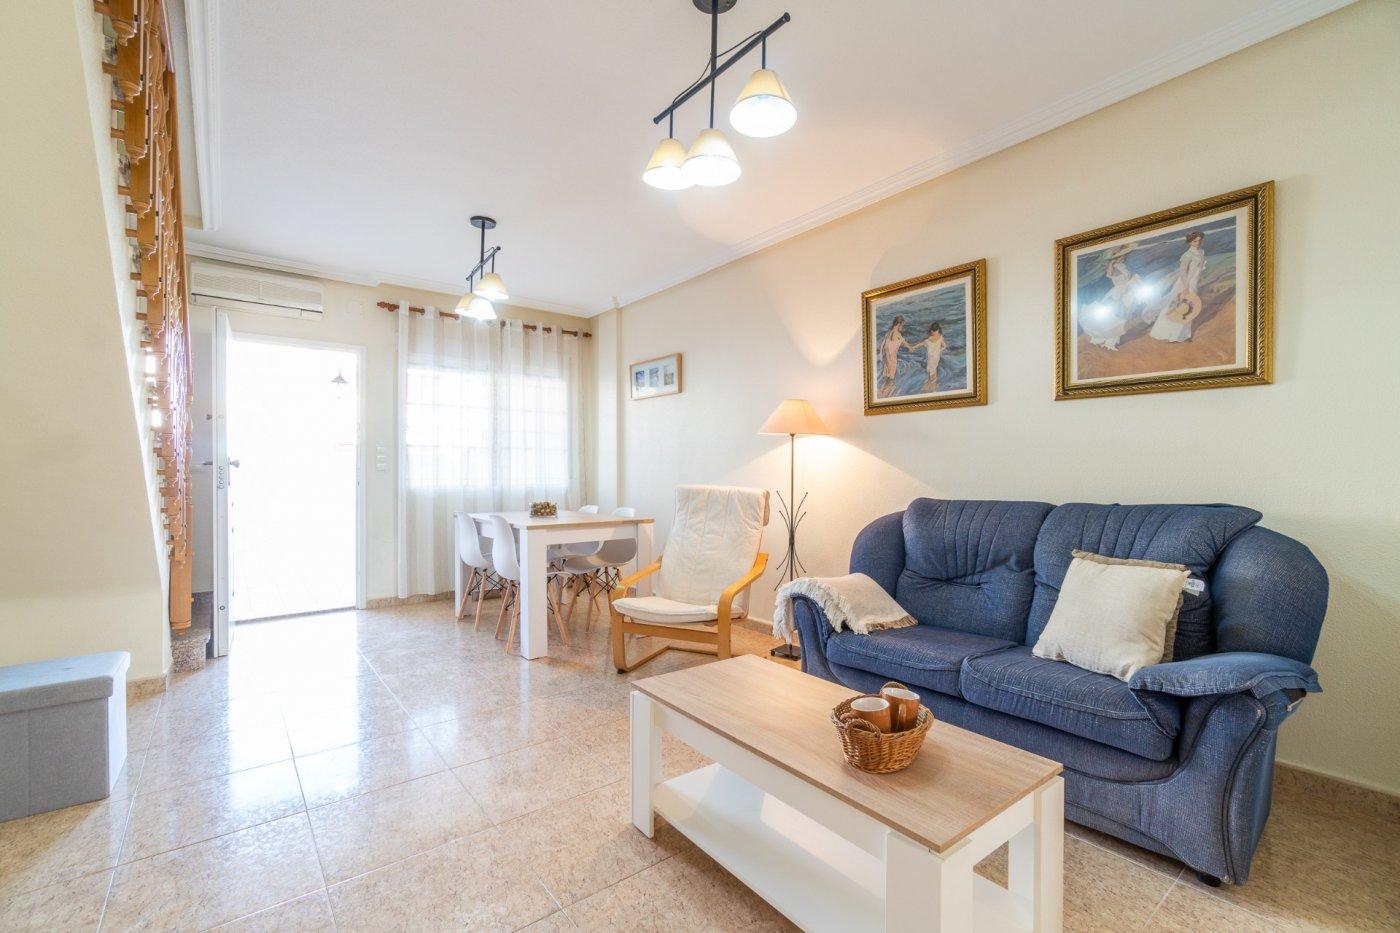 duplex en san-pedro-del-pinatar · salinas 115000€